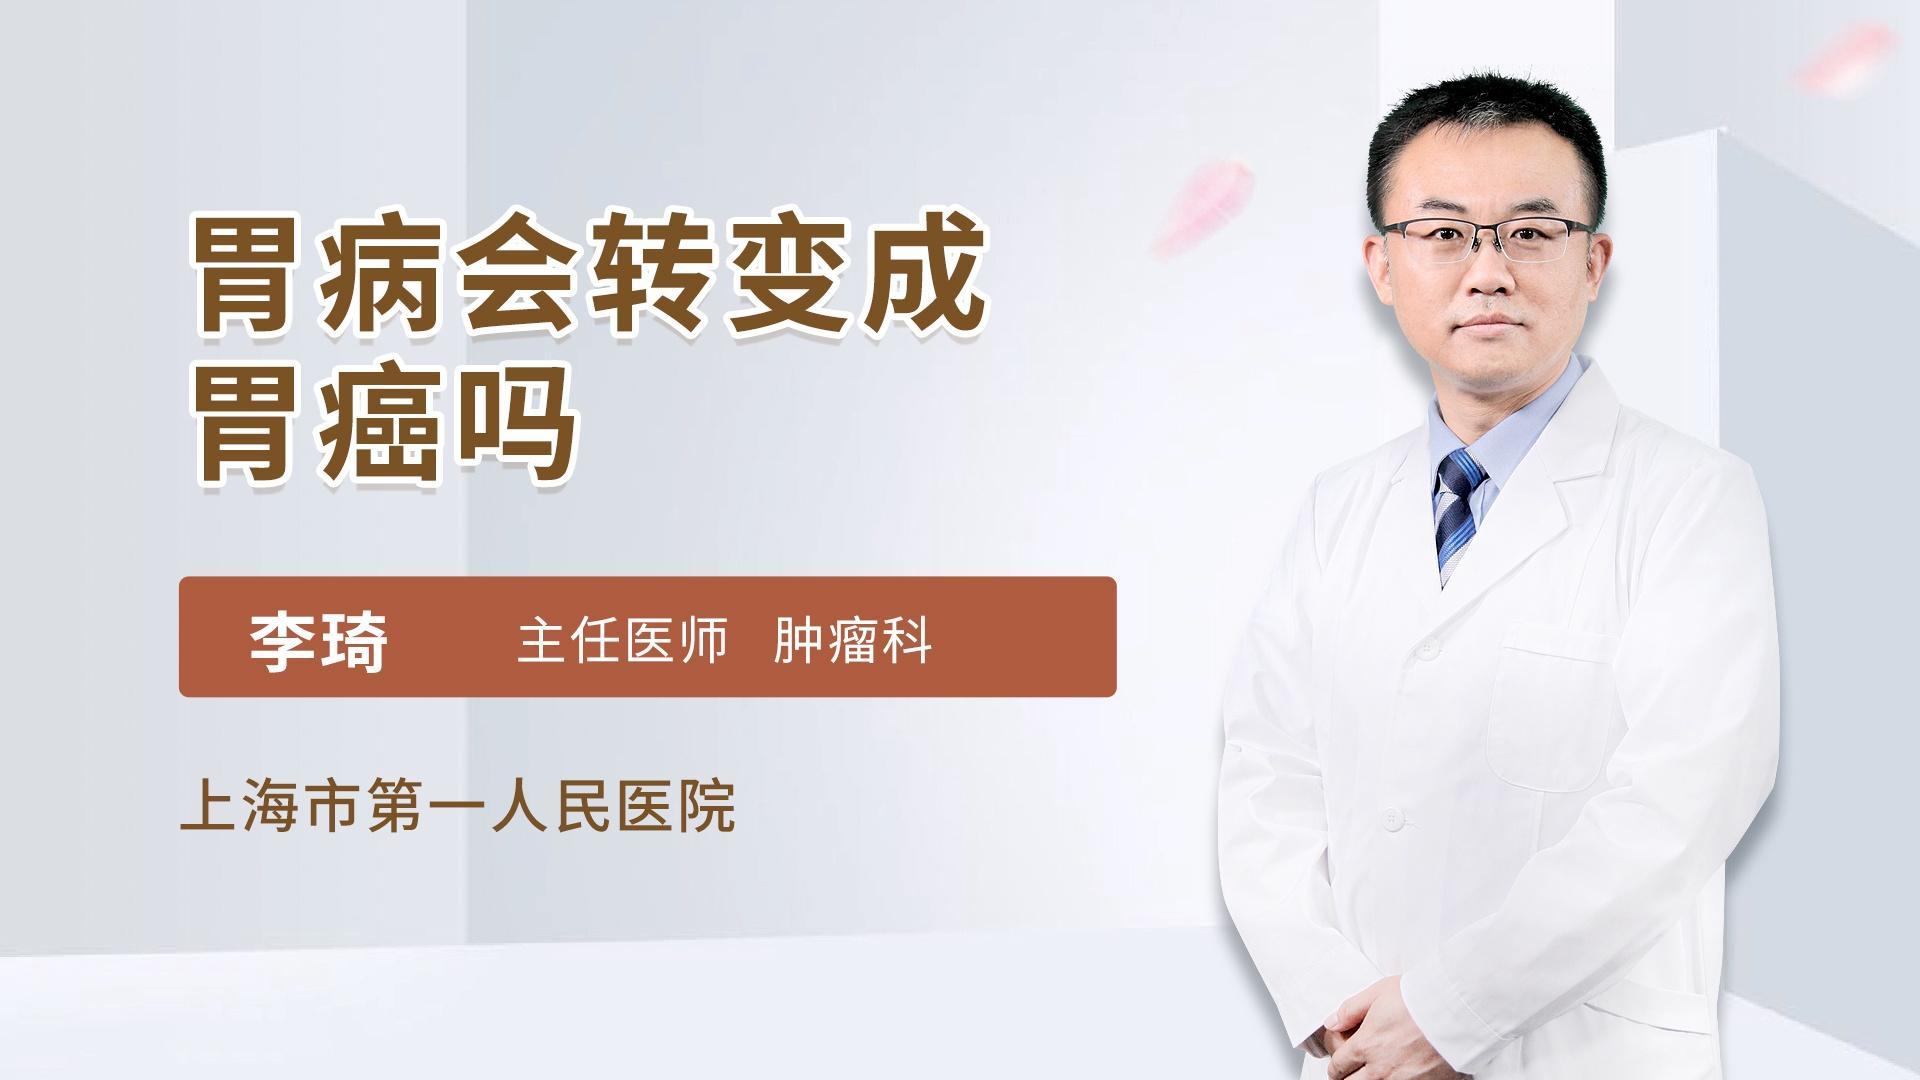 胃病会转变成胃癌吗